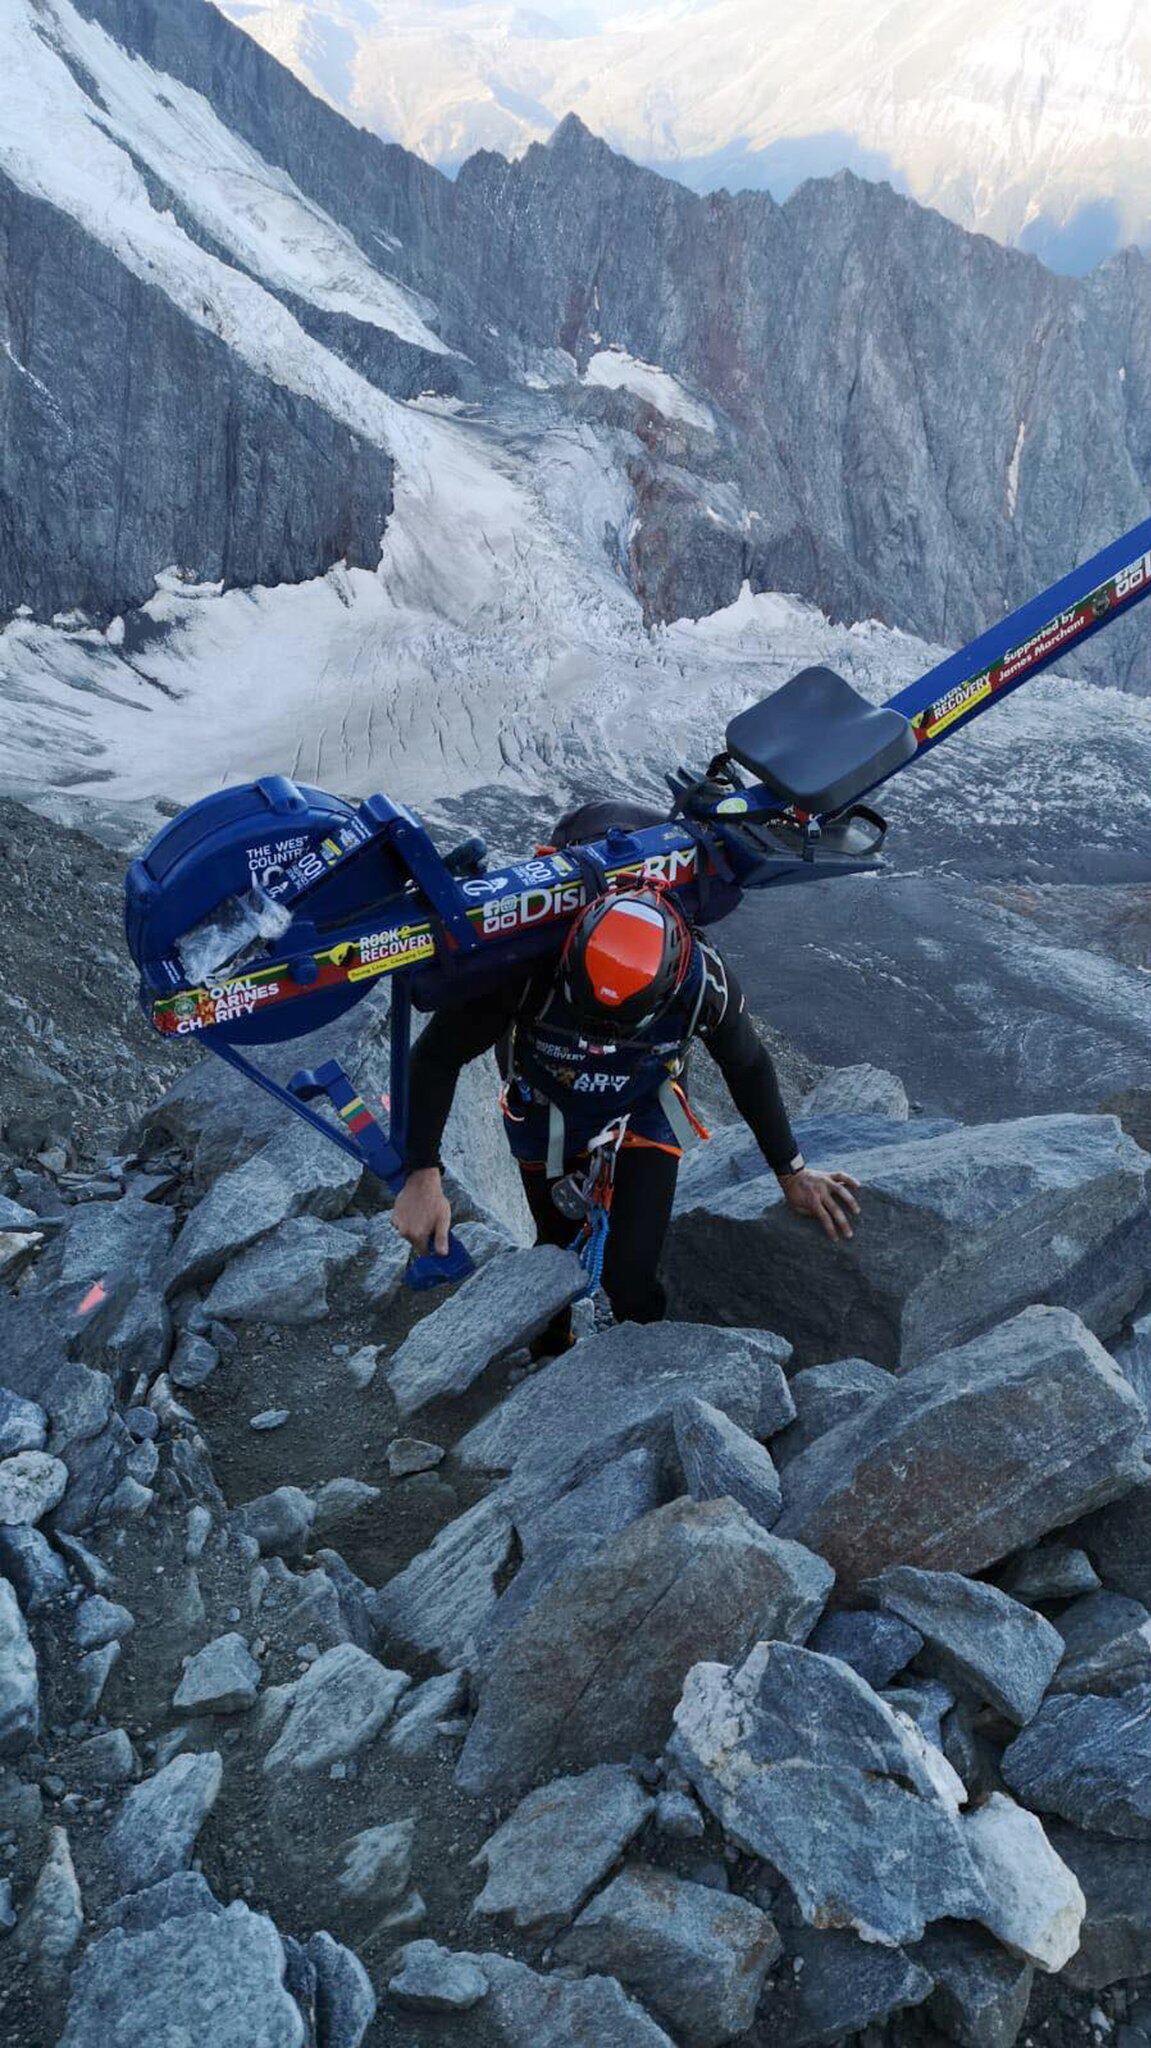 Bild zu Zurückgelassene Rudermaschine sorgt für Ärger am Mont Blanc